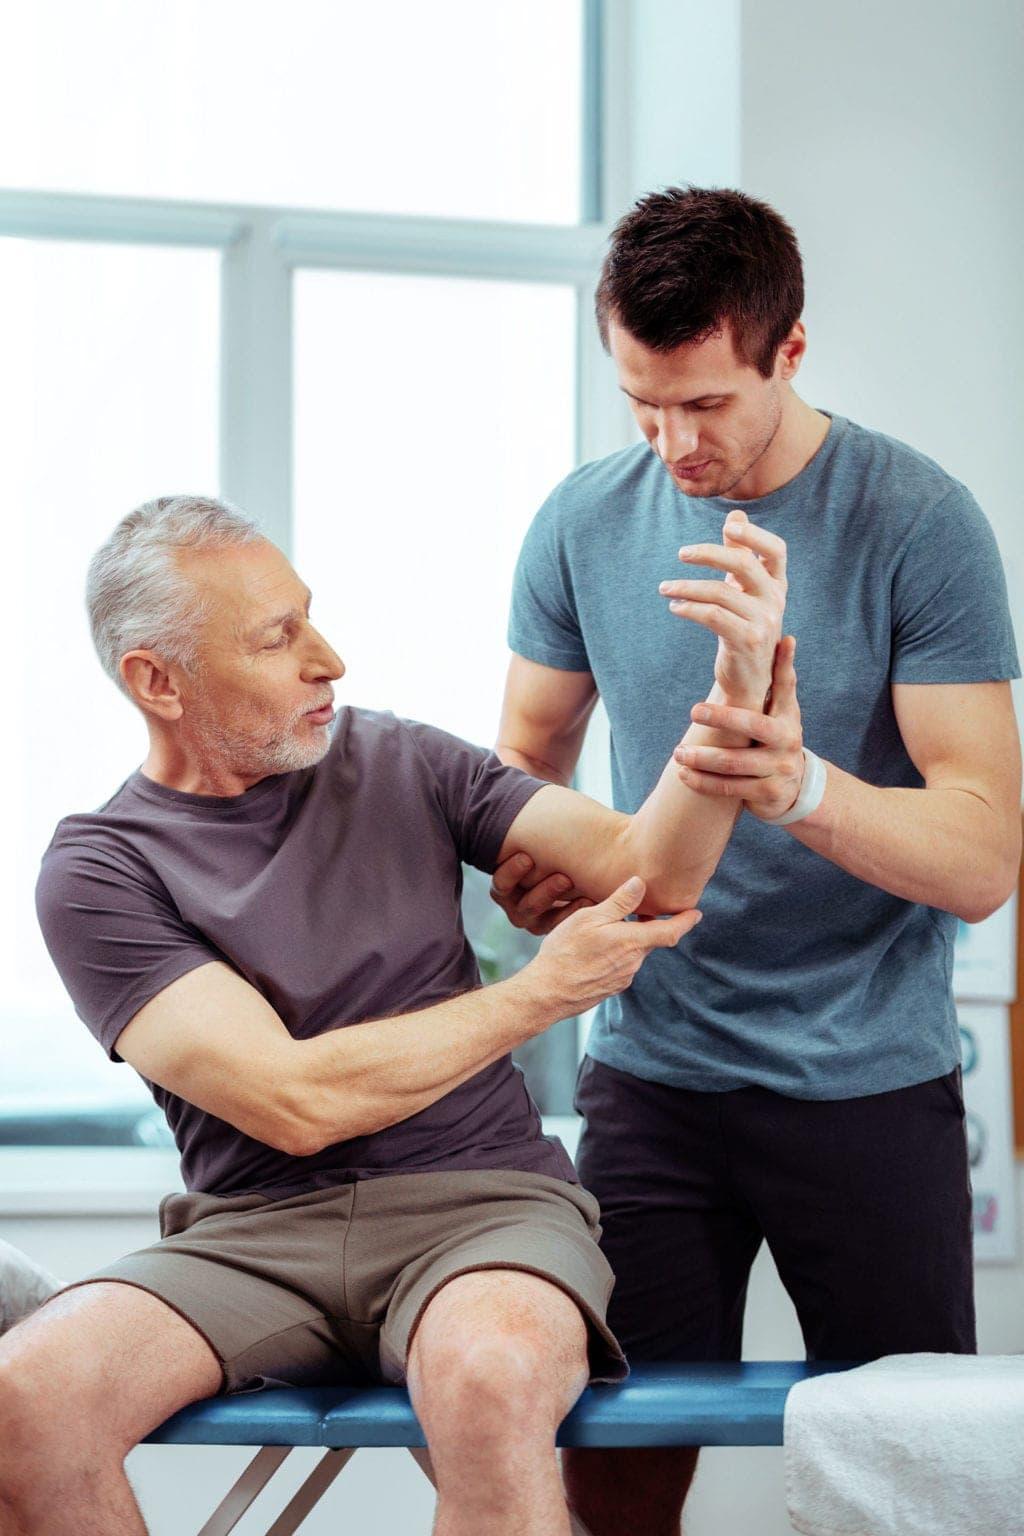 Fisioterapeuta revisa la movilidad del brazo de un hombre anciano que sostiene su mano izquierda hacia arriba en una clínica de fisioterapia diseñada por Medicalta, marketing sanitario para clínicas.